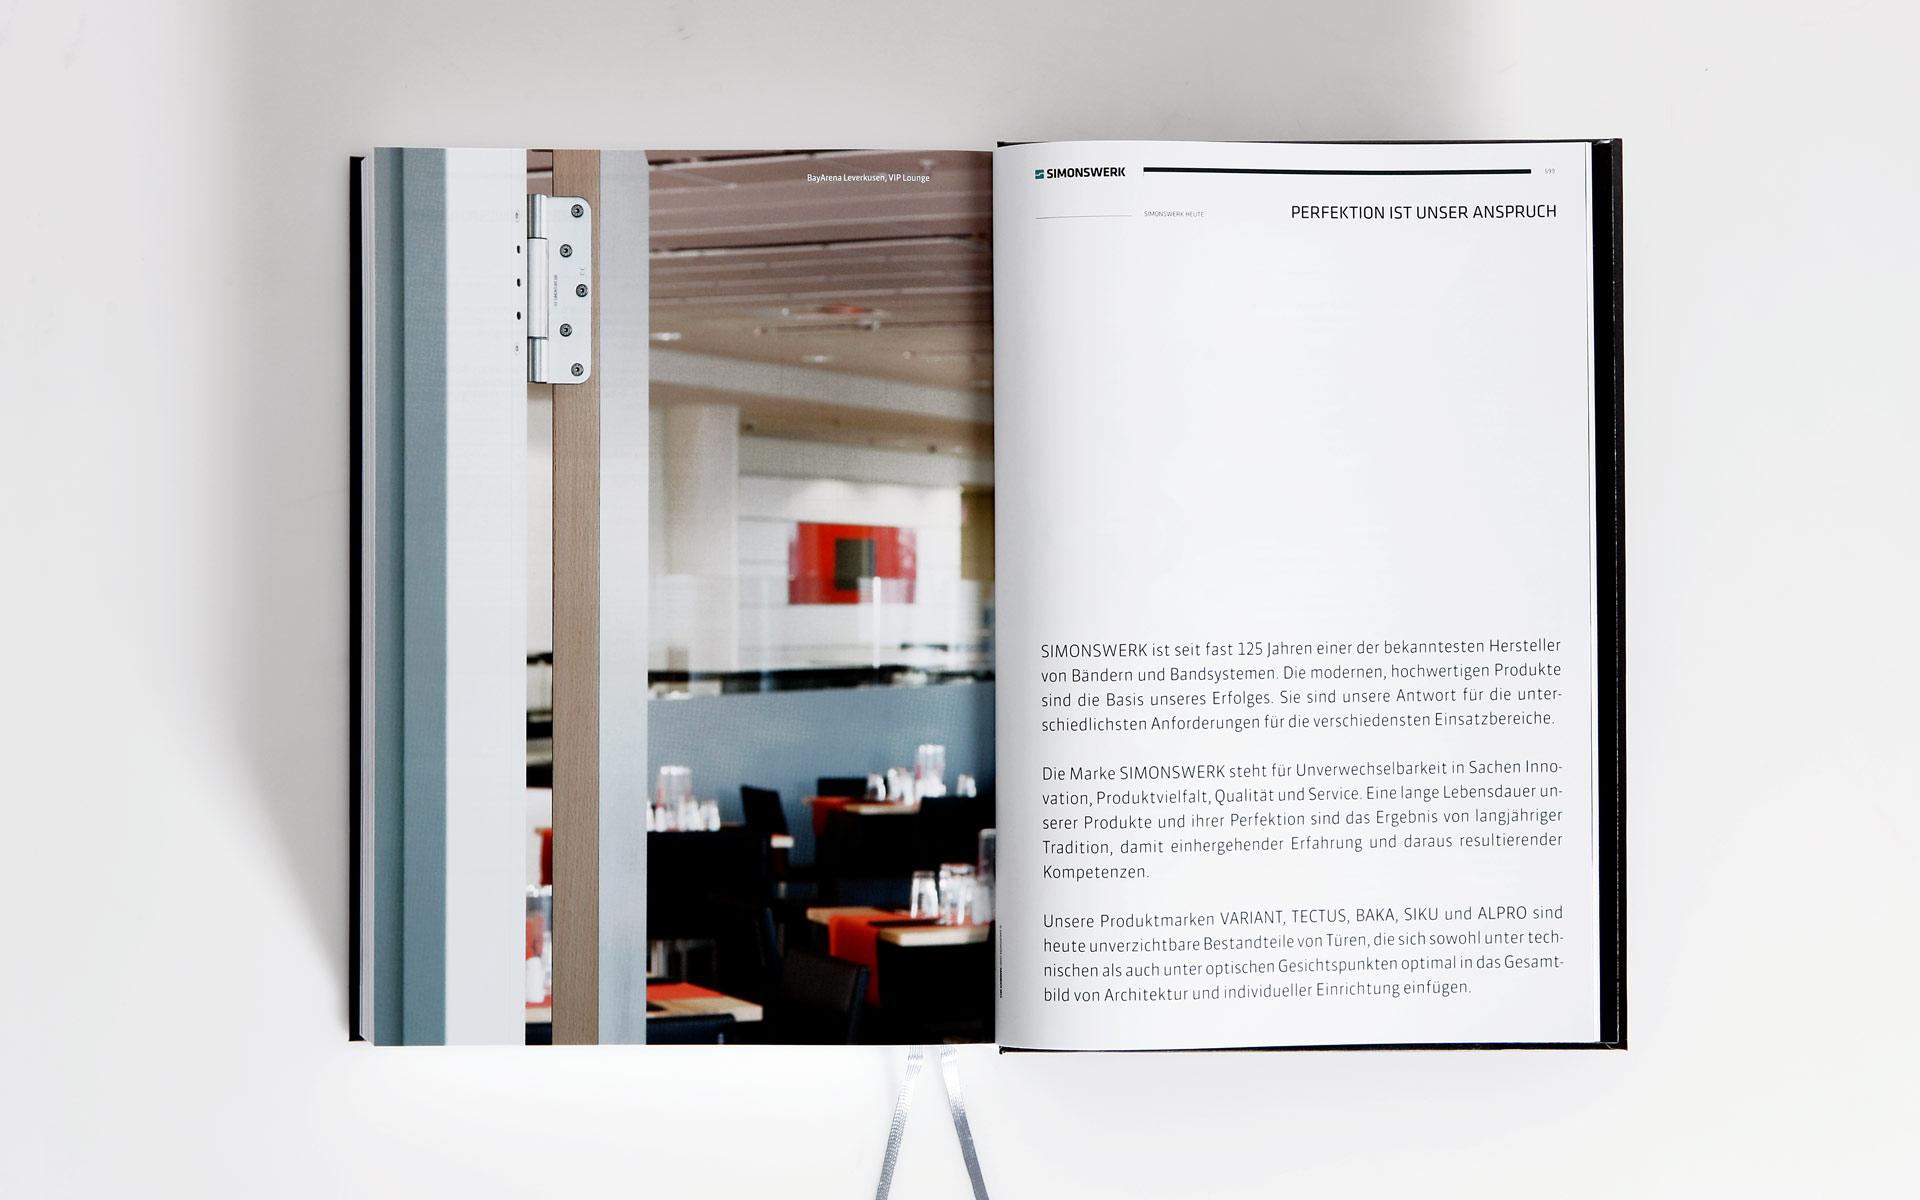 Simonswerk Kompendium 2012, Handbuch, Doppelseite, Referenz